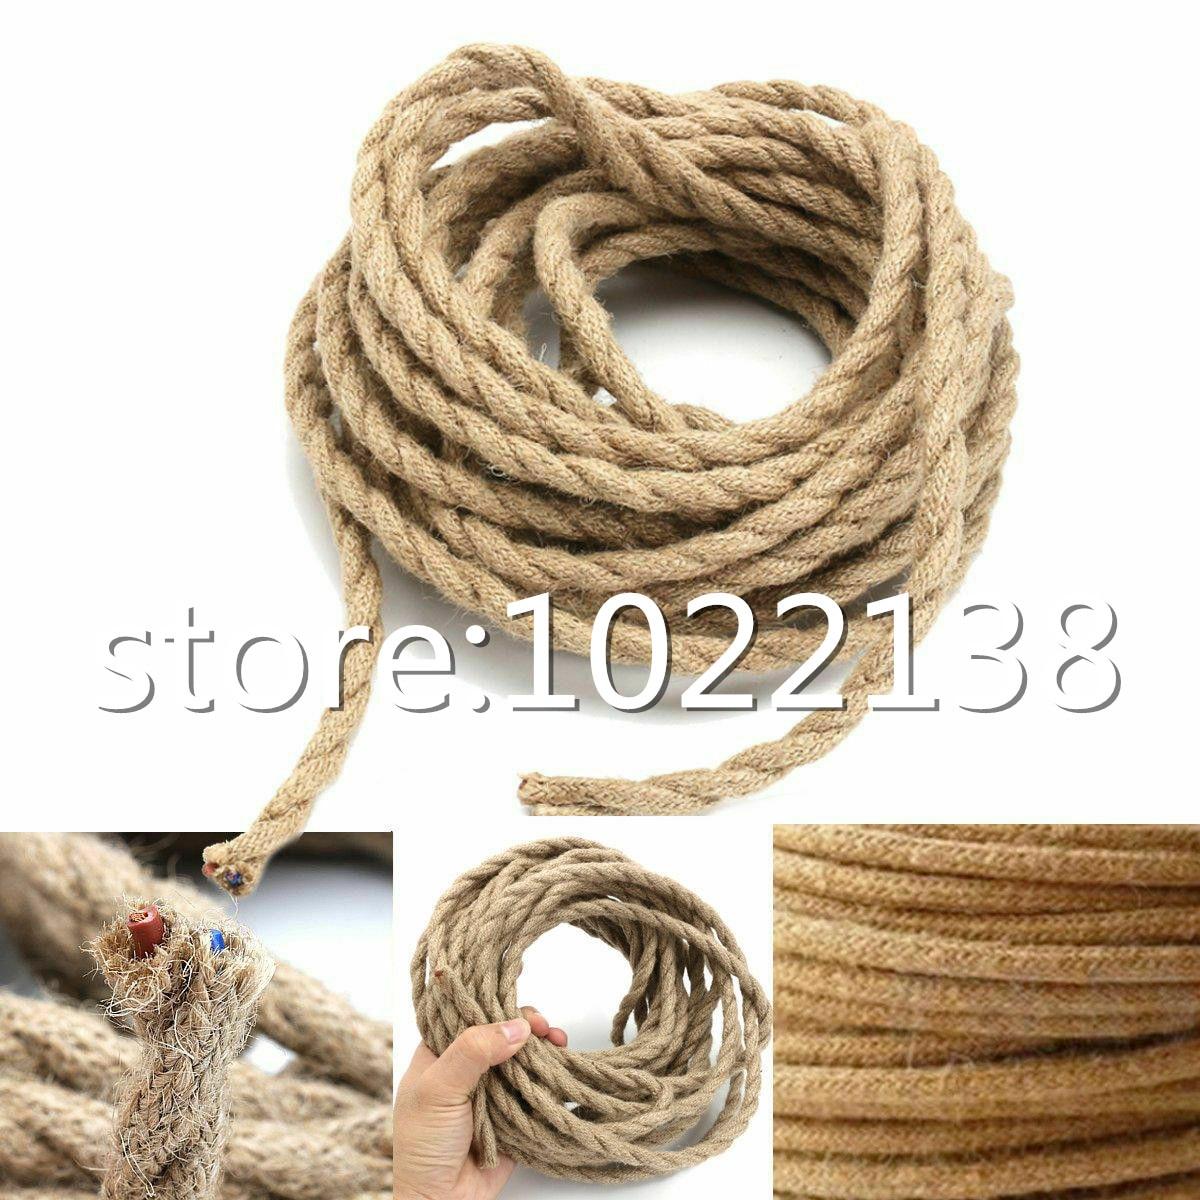 3m,5m,10m 2x0,75 MM Cable de cuerda Vintage, Cable trenzado, cuerda de cáñamo, Cable de lámpara colgante Vintage, Cable de lámpara, tela, Cable eléctrico 7